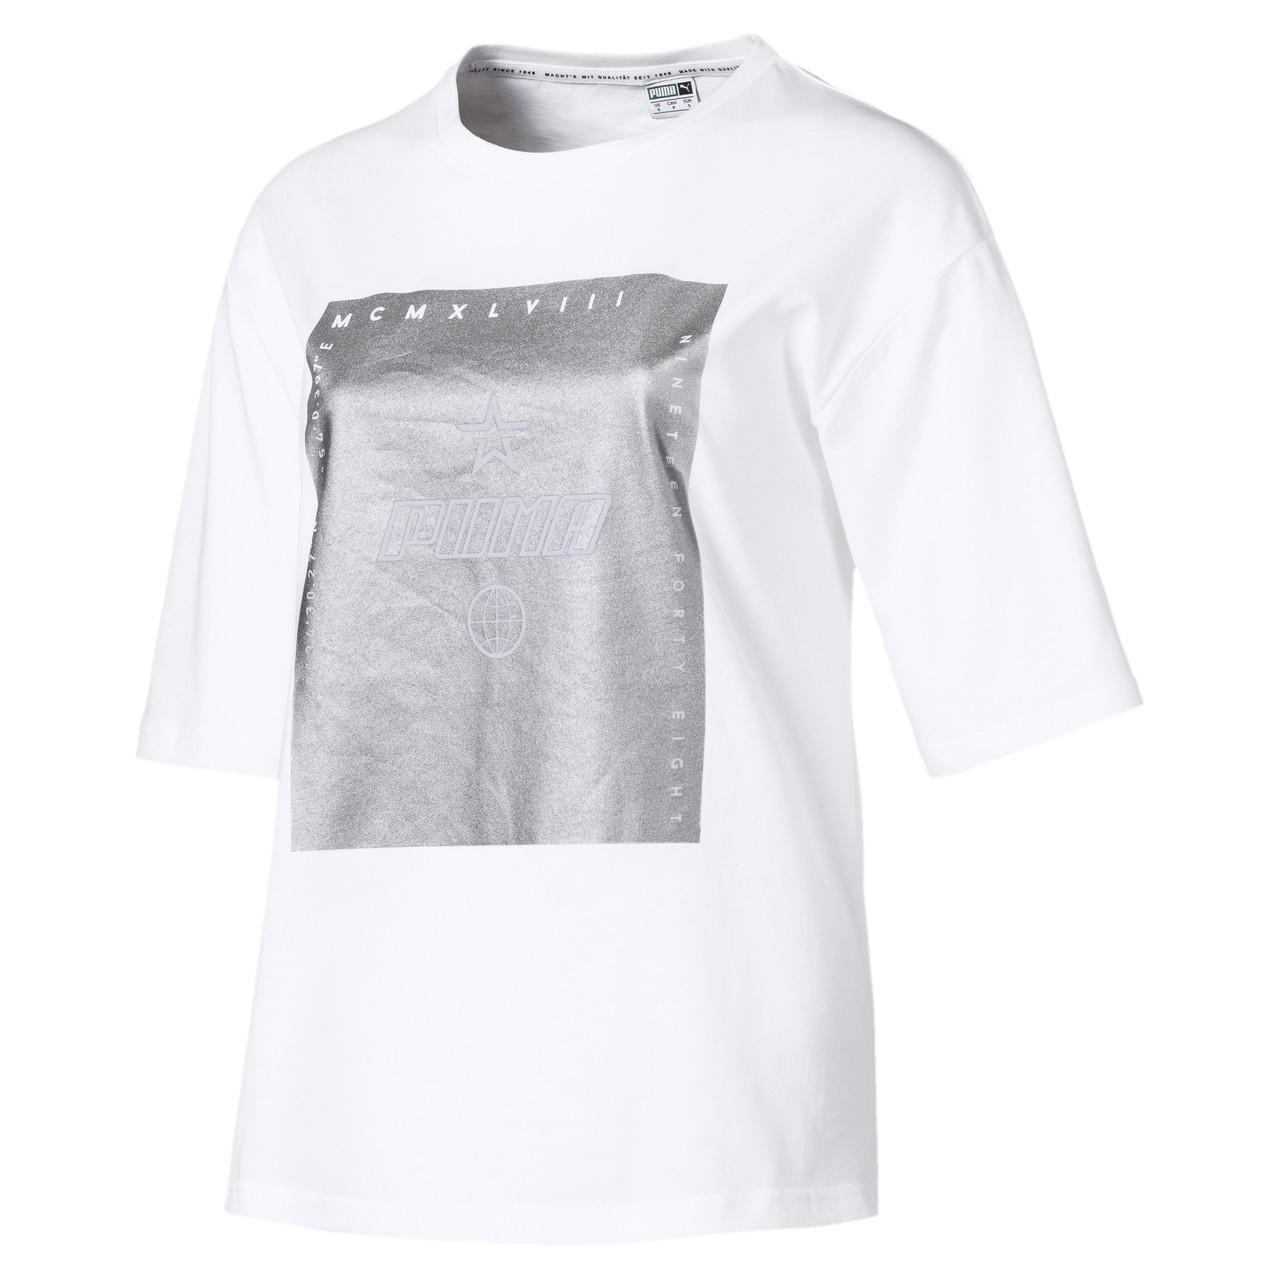 Женская спортивная футболка Tz Tee